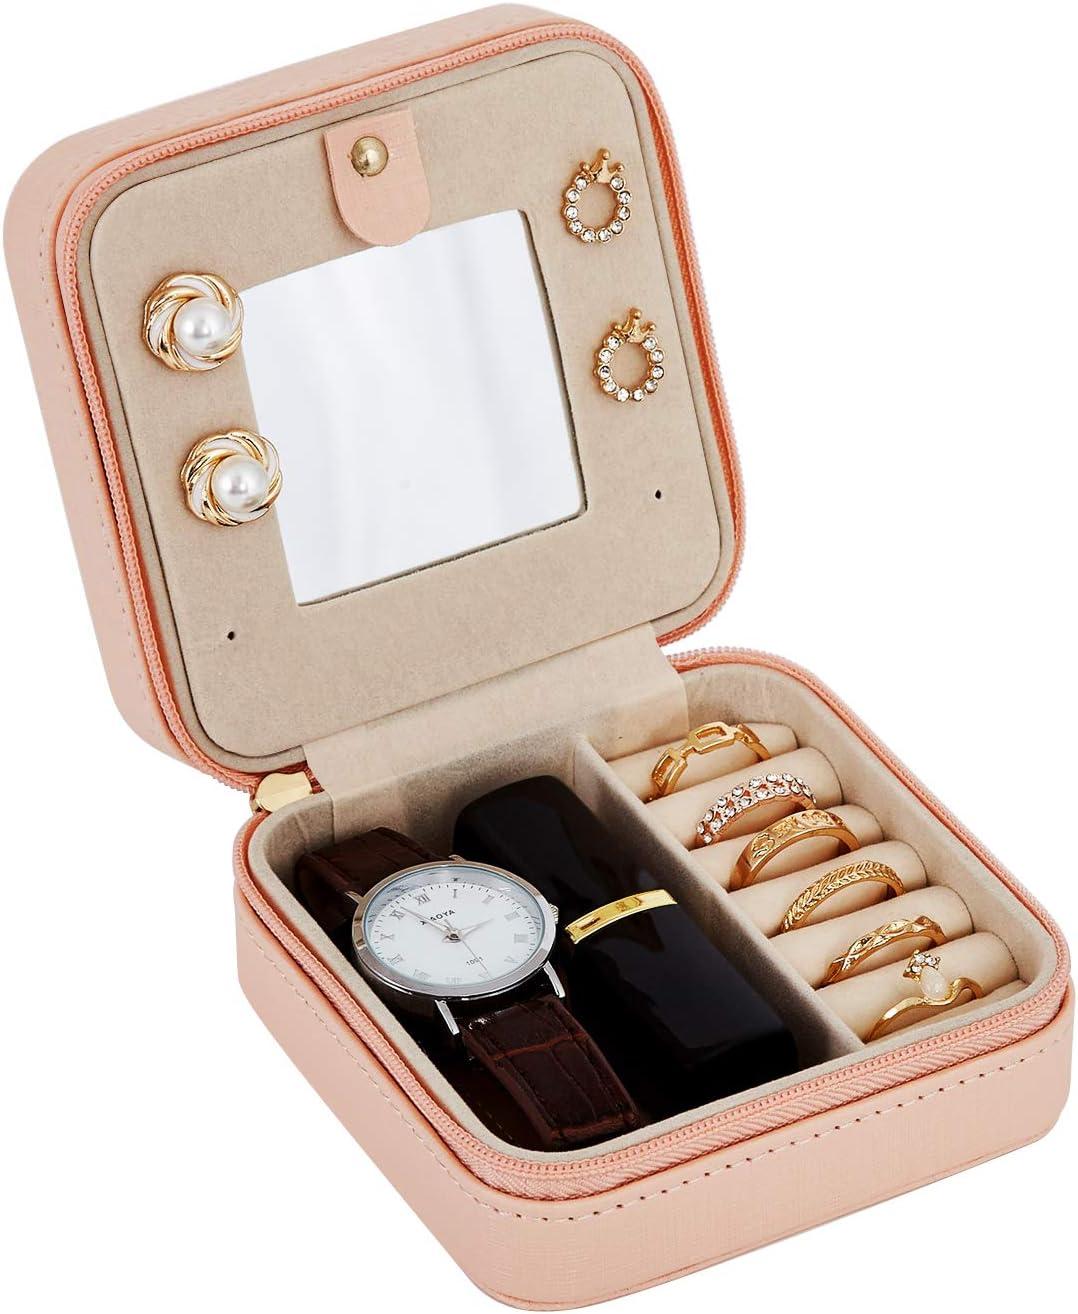 アクセサリーケース 携帯用 ジュエリーボックス ジュエリー収納 鏡付き コンパクト アクセサリー収納 旅行 指輪 ネックレス ピアス 耳飾り プレゼント 可愛い(ピンク)